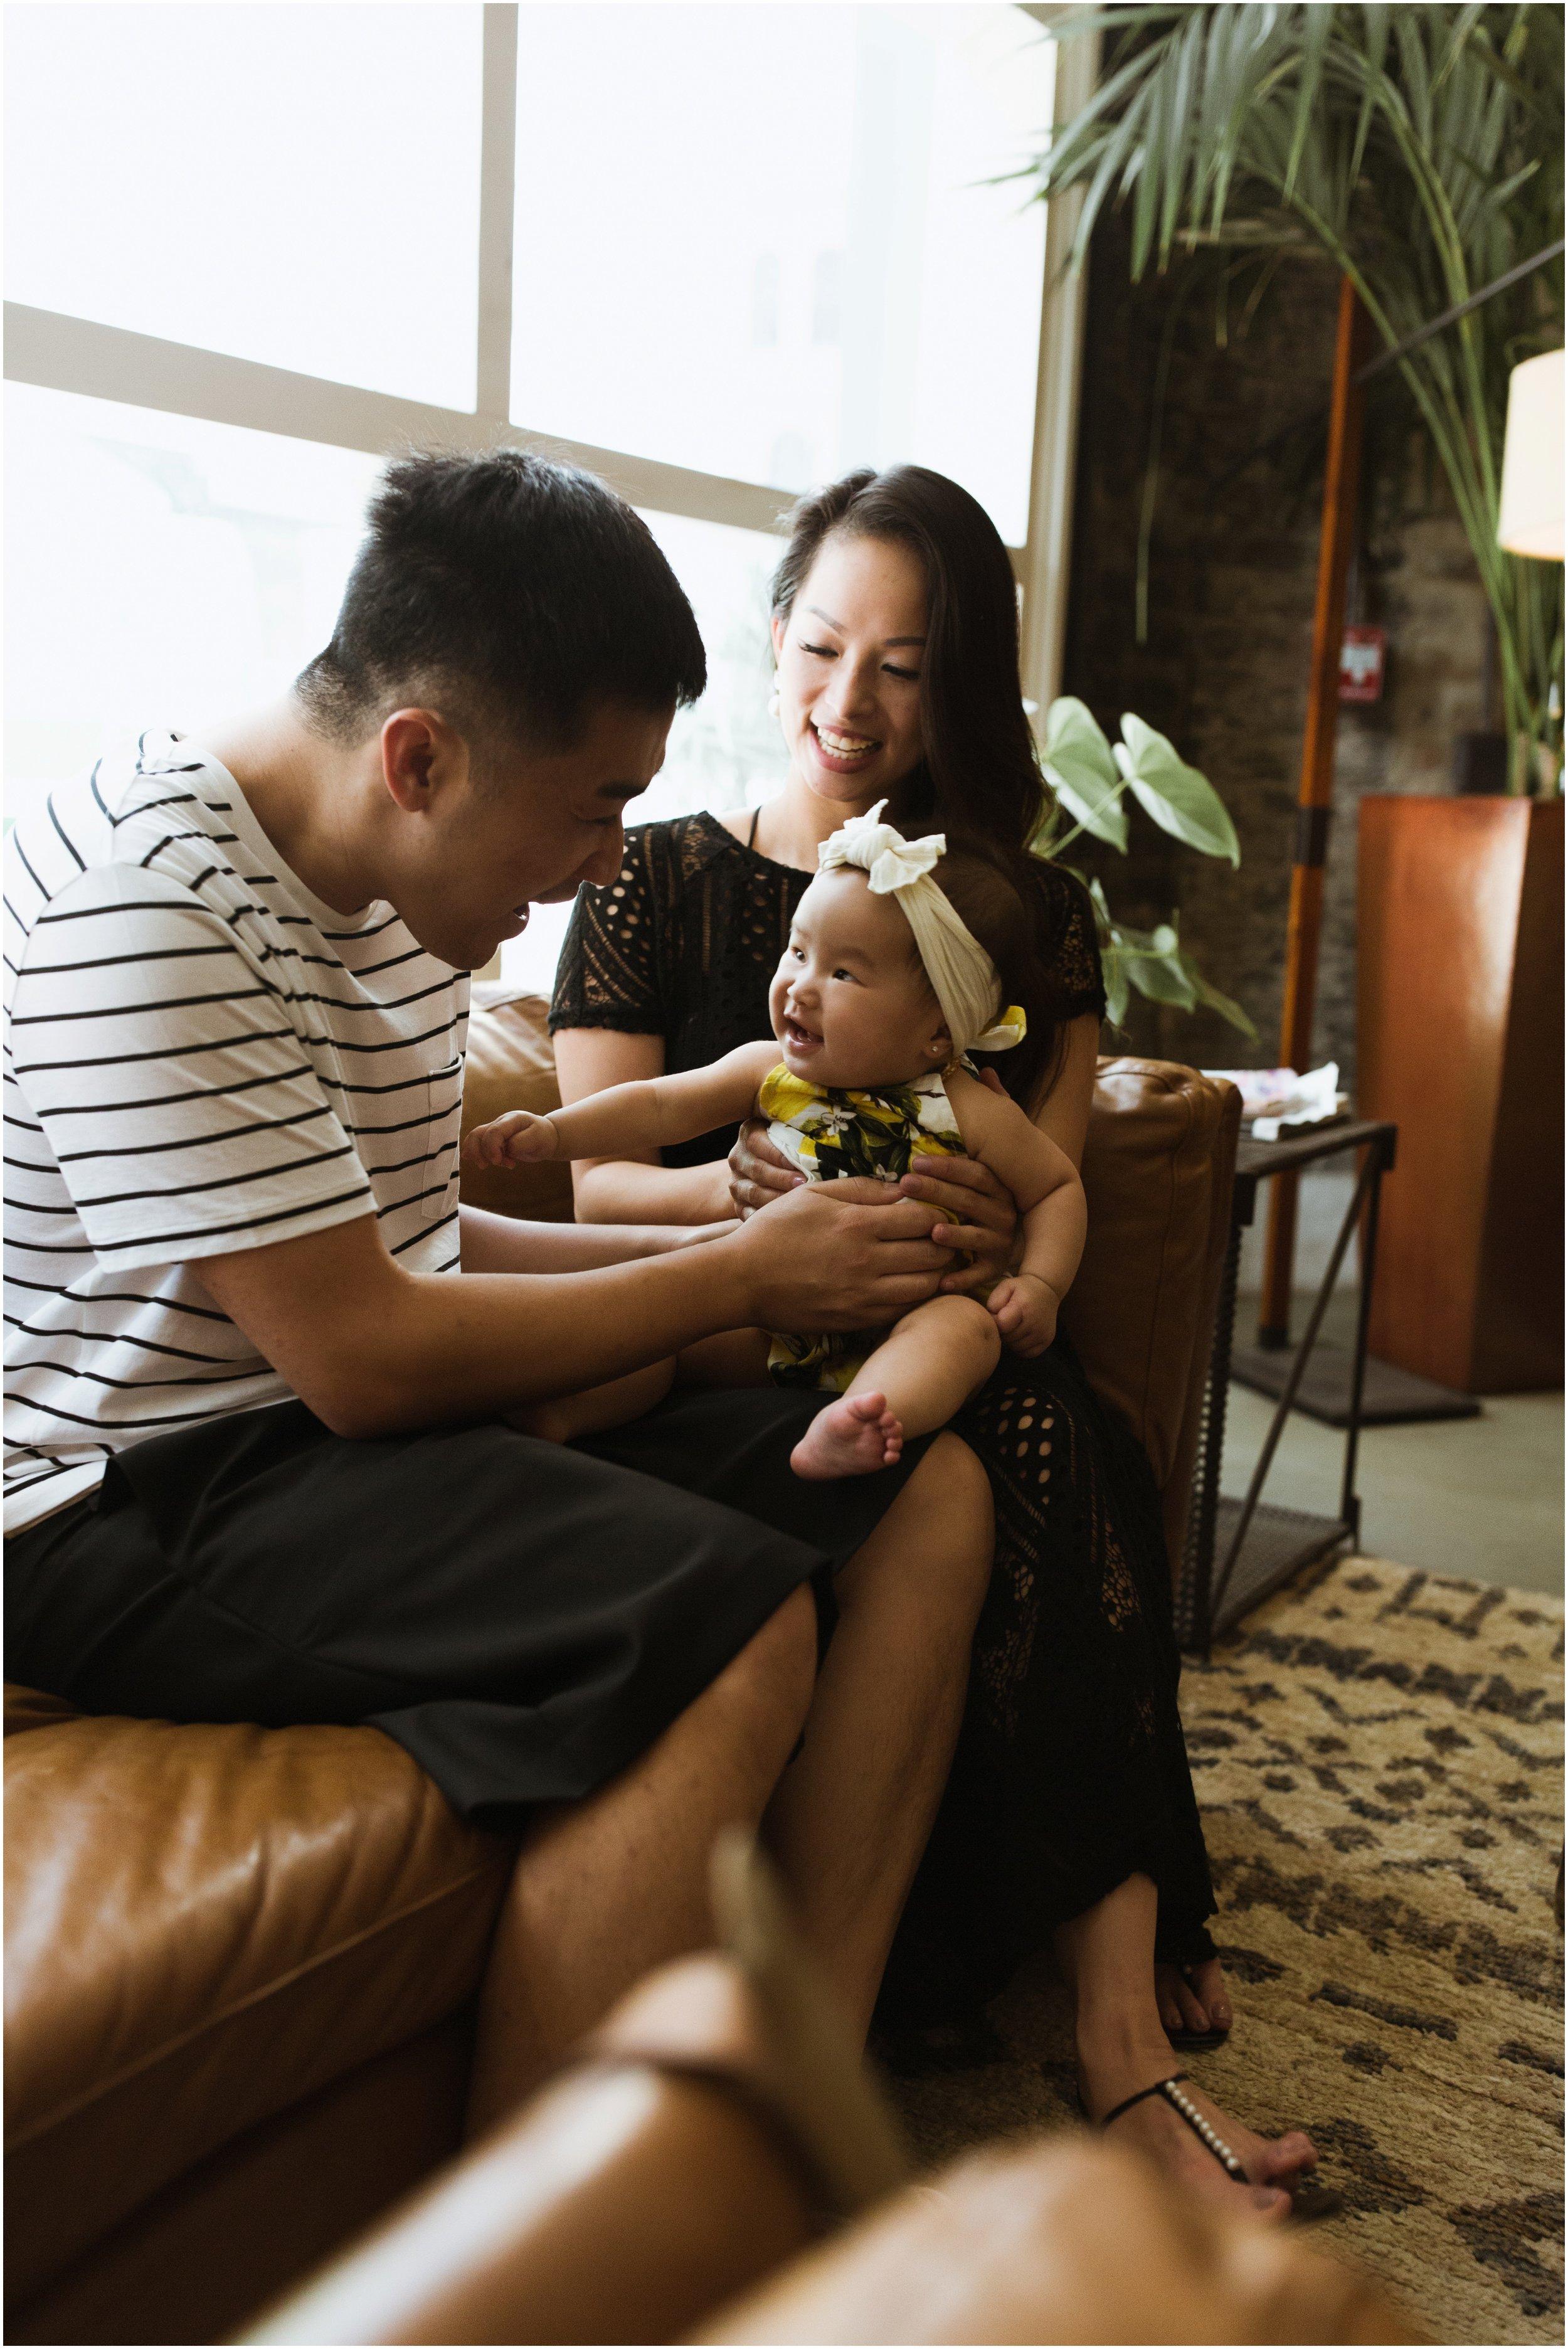 Nori-Catahoula-Hotel-2017-6-Months-Family-7803_quaint-and-whim-lifestyle-newborn-photographer-louisiana.jpg